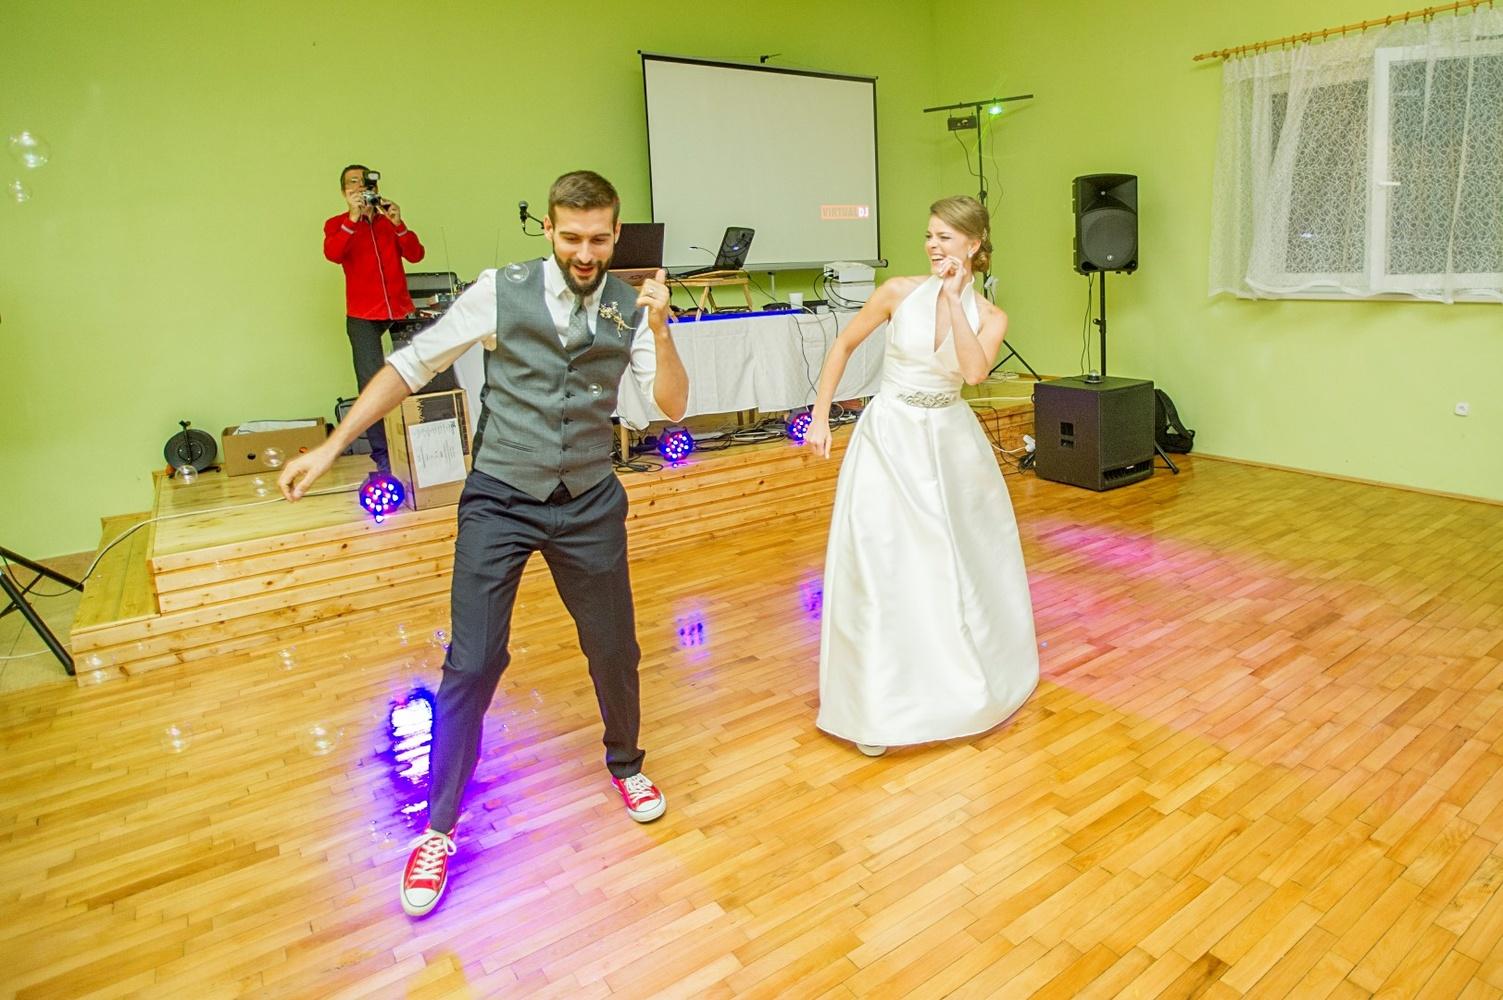 http://www.fotoz.sk/images/gallery-8/normal/eskuvoi-fotos_svadobny-fotograf_525.jpg